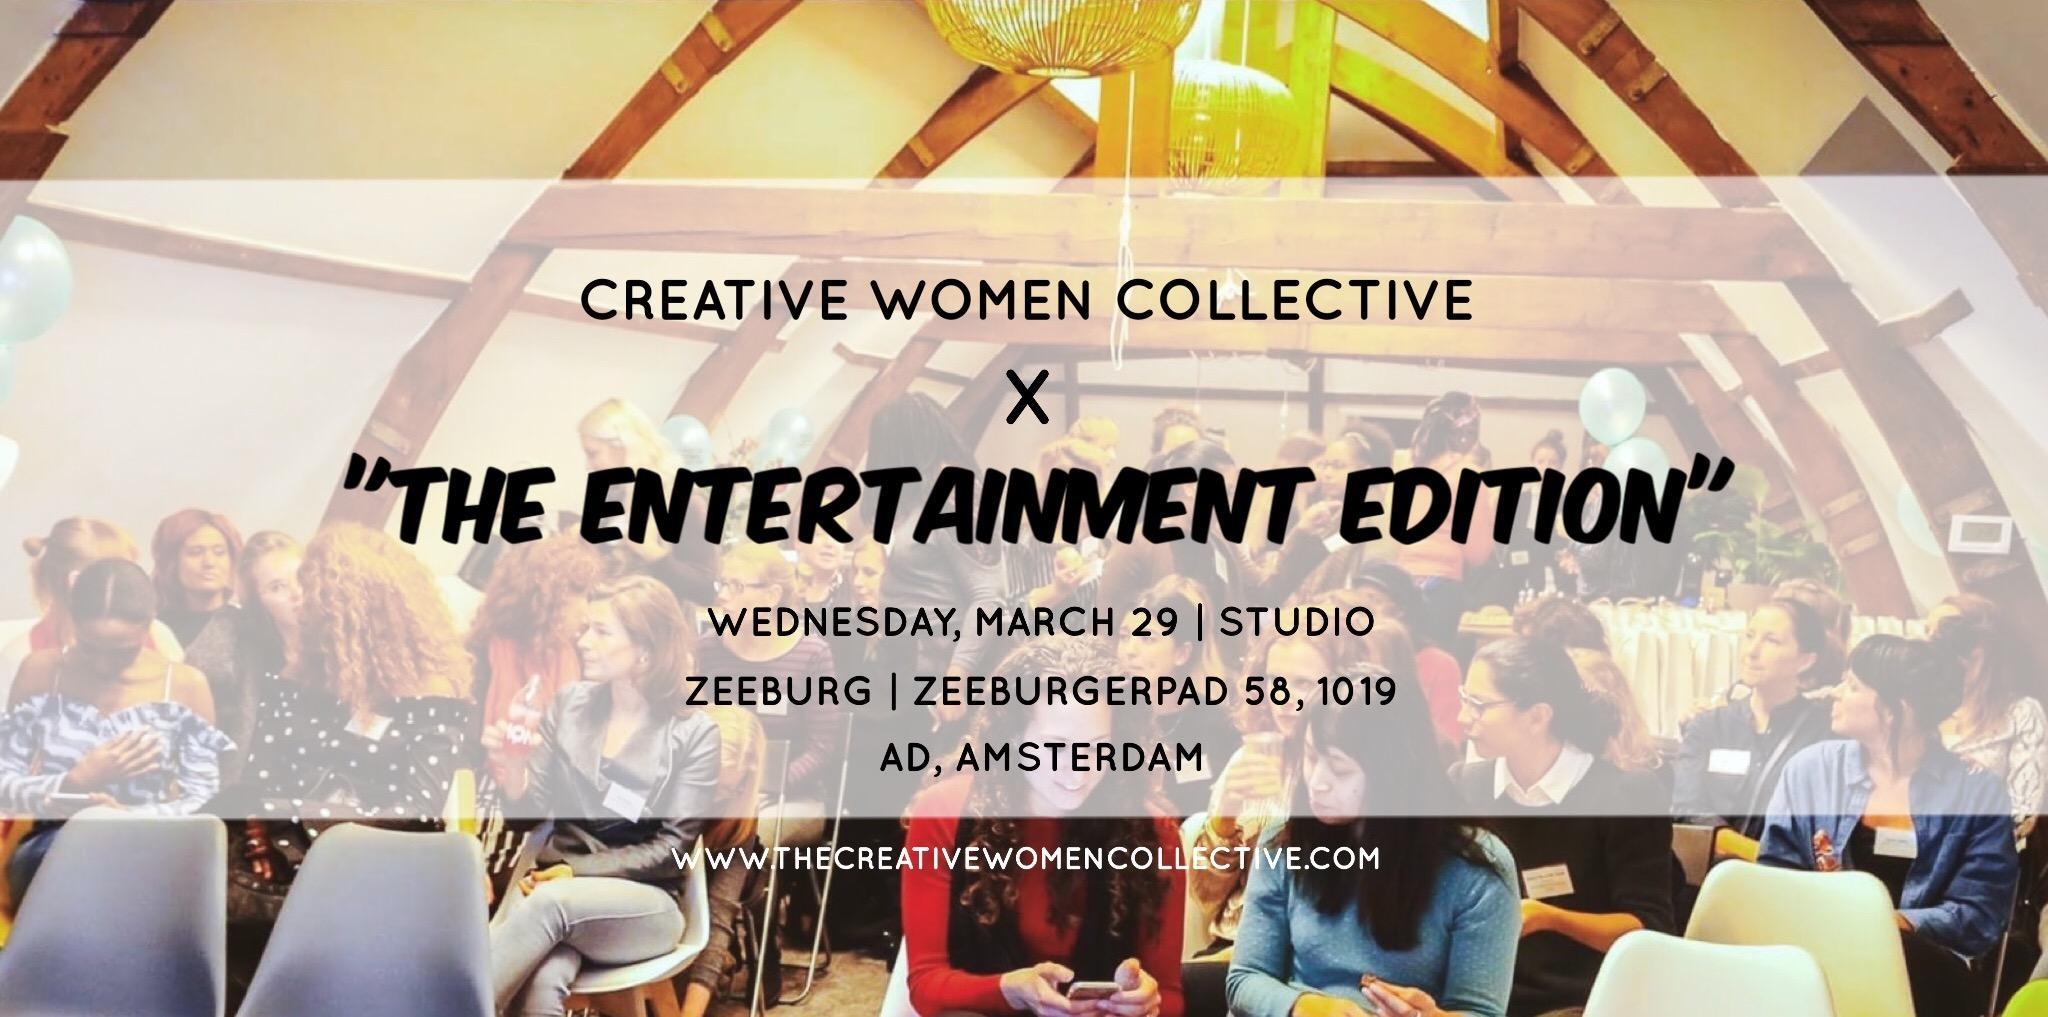 Creative Women Collective: The Entertainment